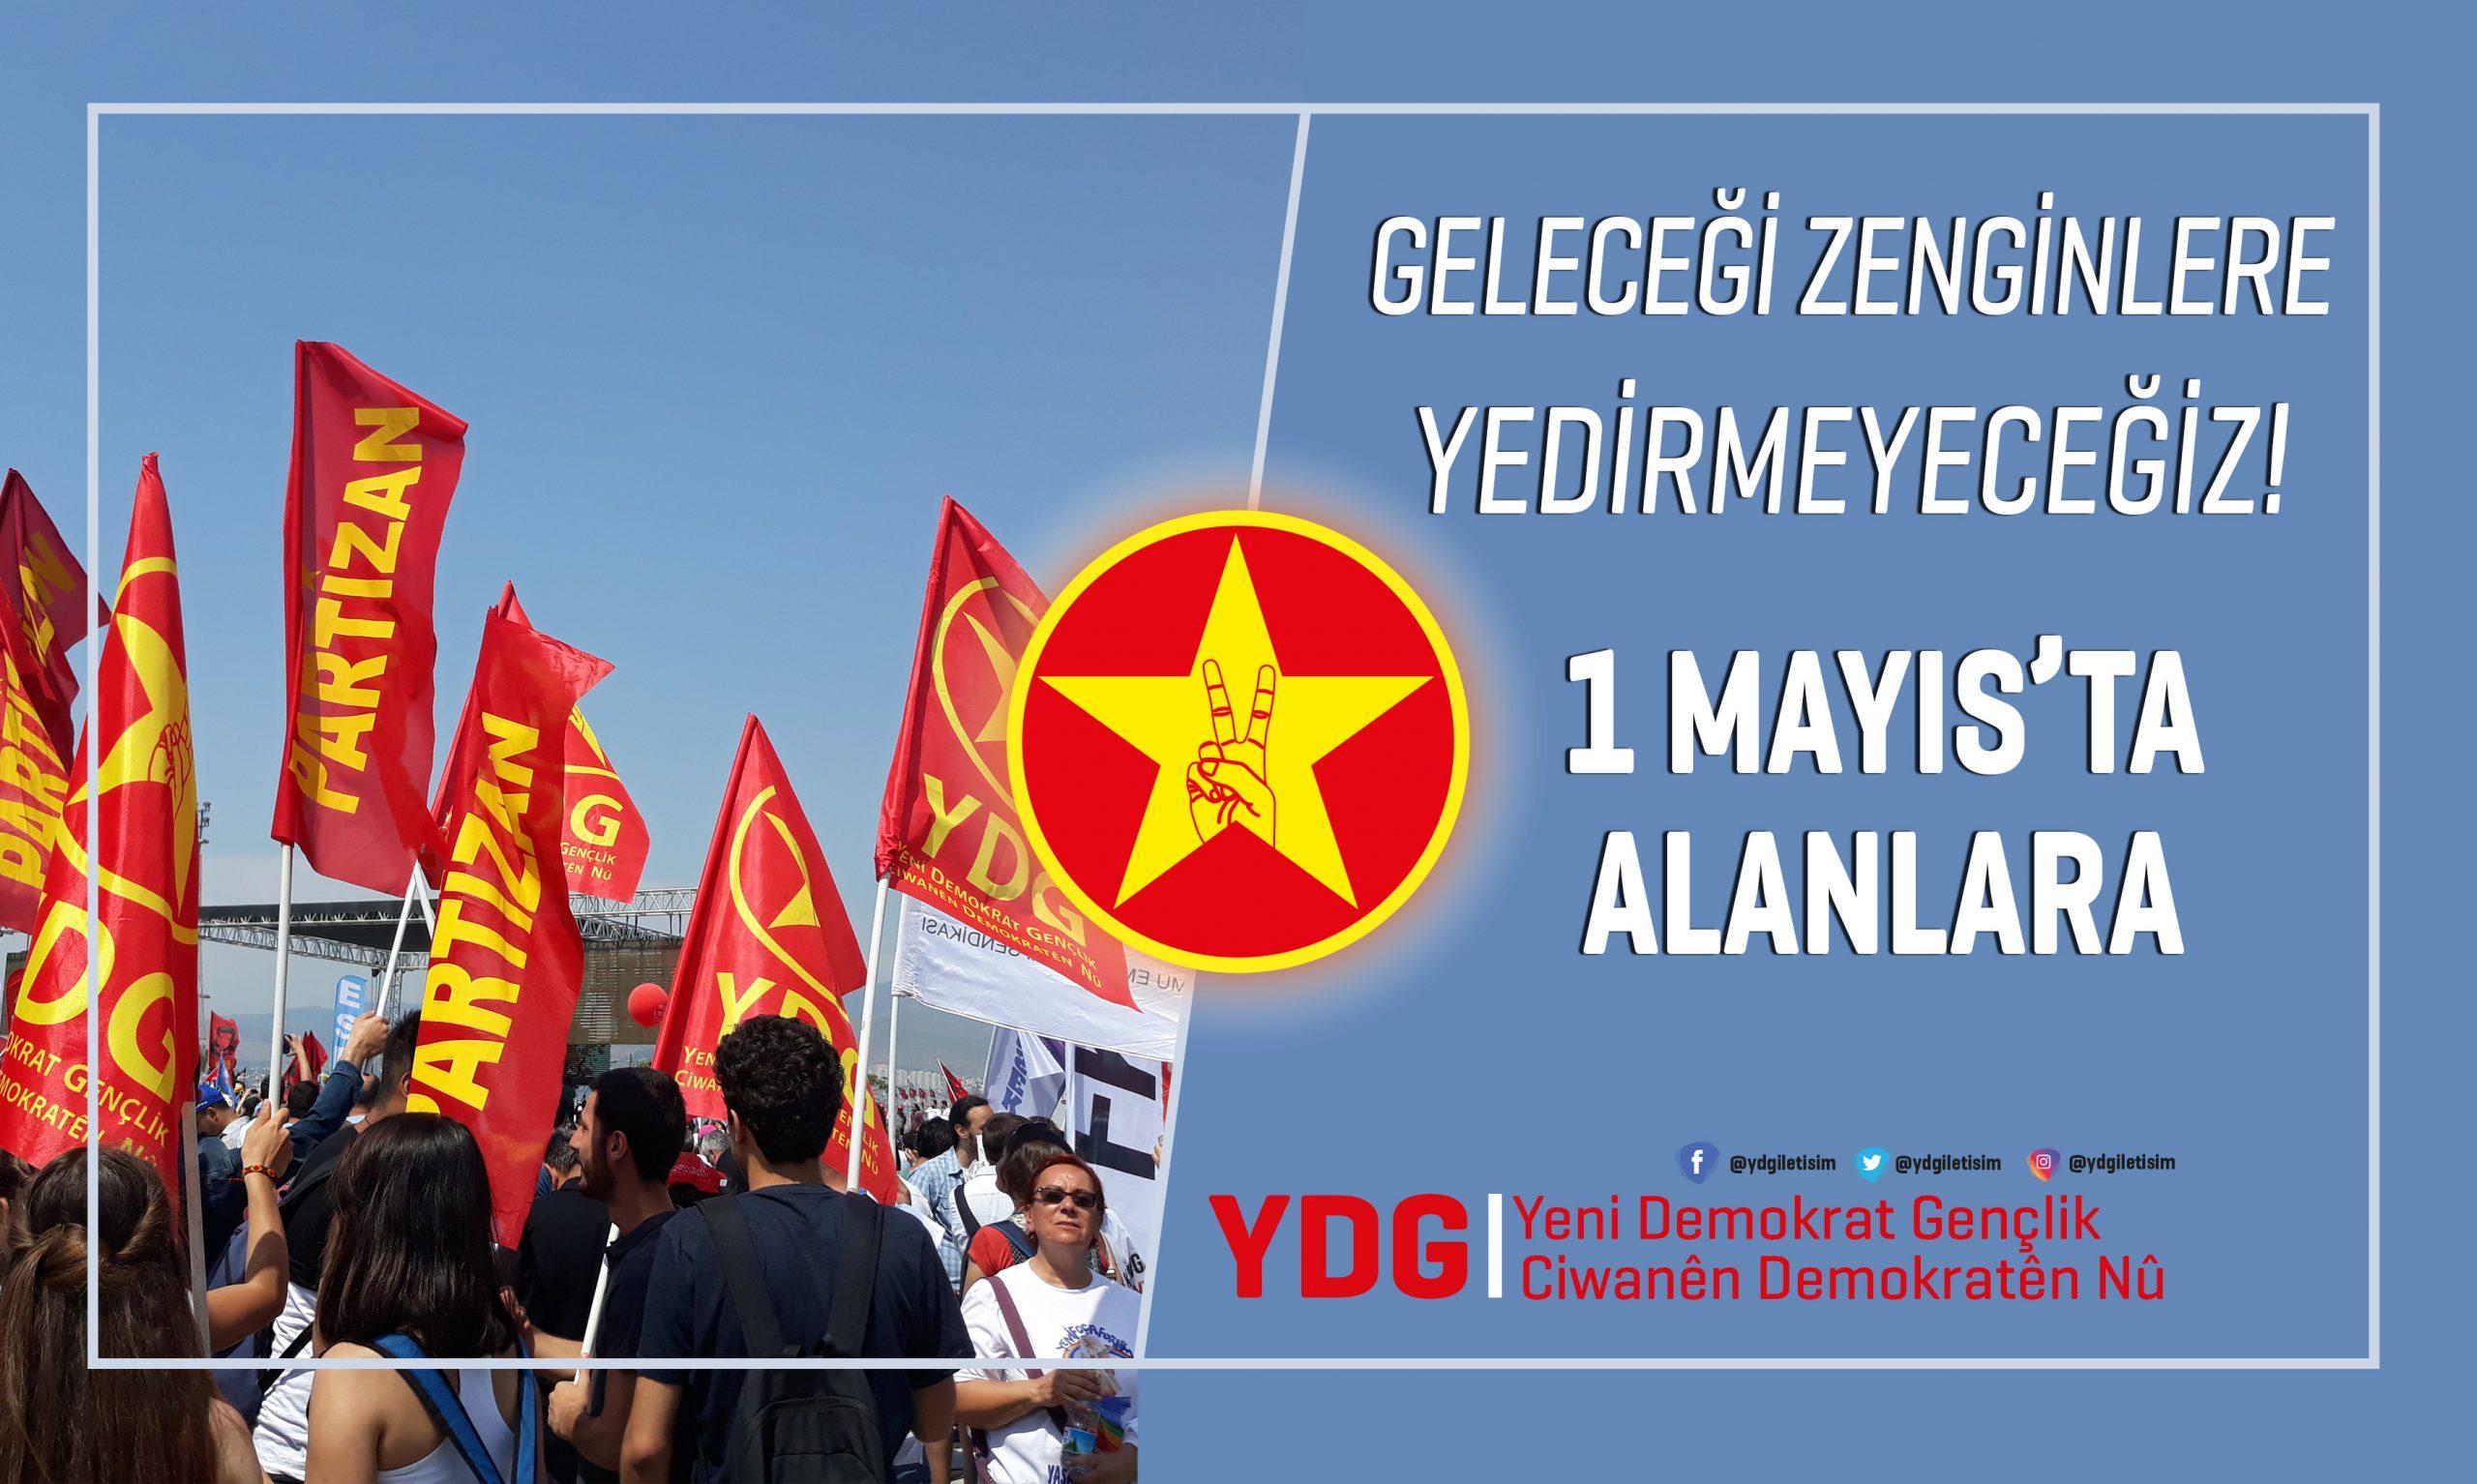 YDG: Geleceği Zenginlere Yedirmeyeceğiz, 1 Mayıs'ta Alanlardayız!